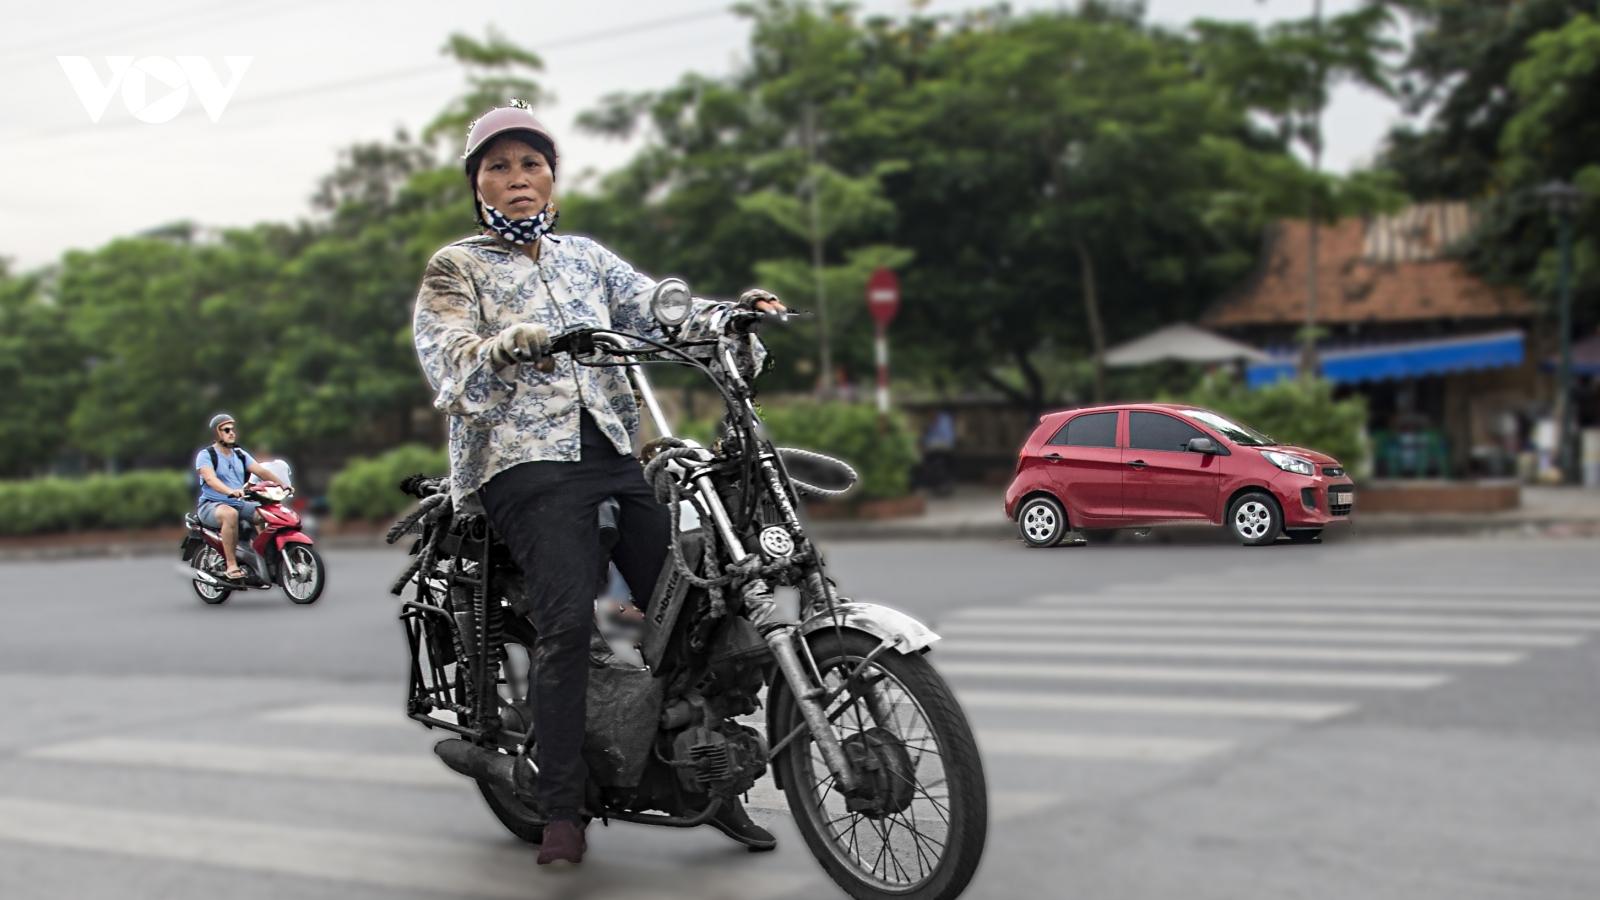 Ô nhiễm không khí: Thủ tướng yêu cầu thu hồi, loại bỏ phương tiện cũ nát